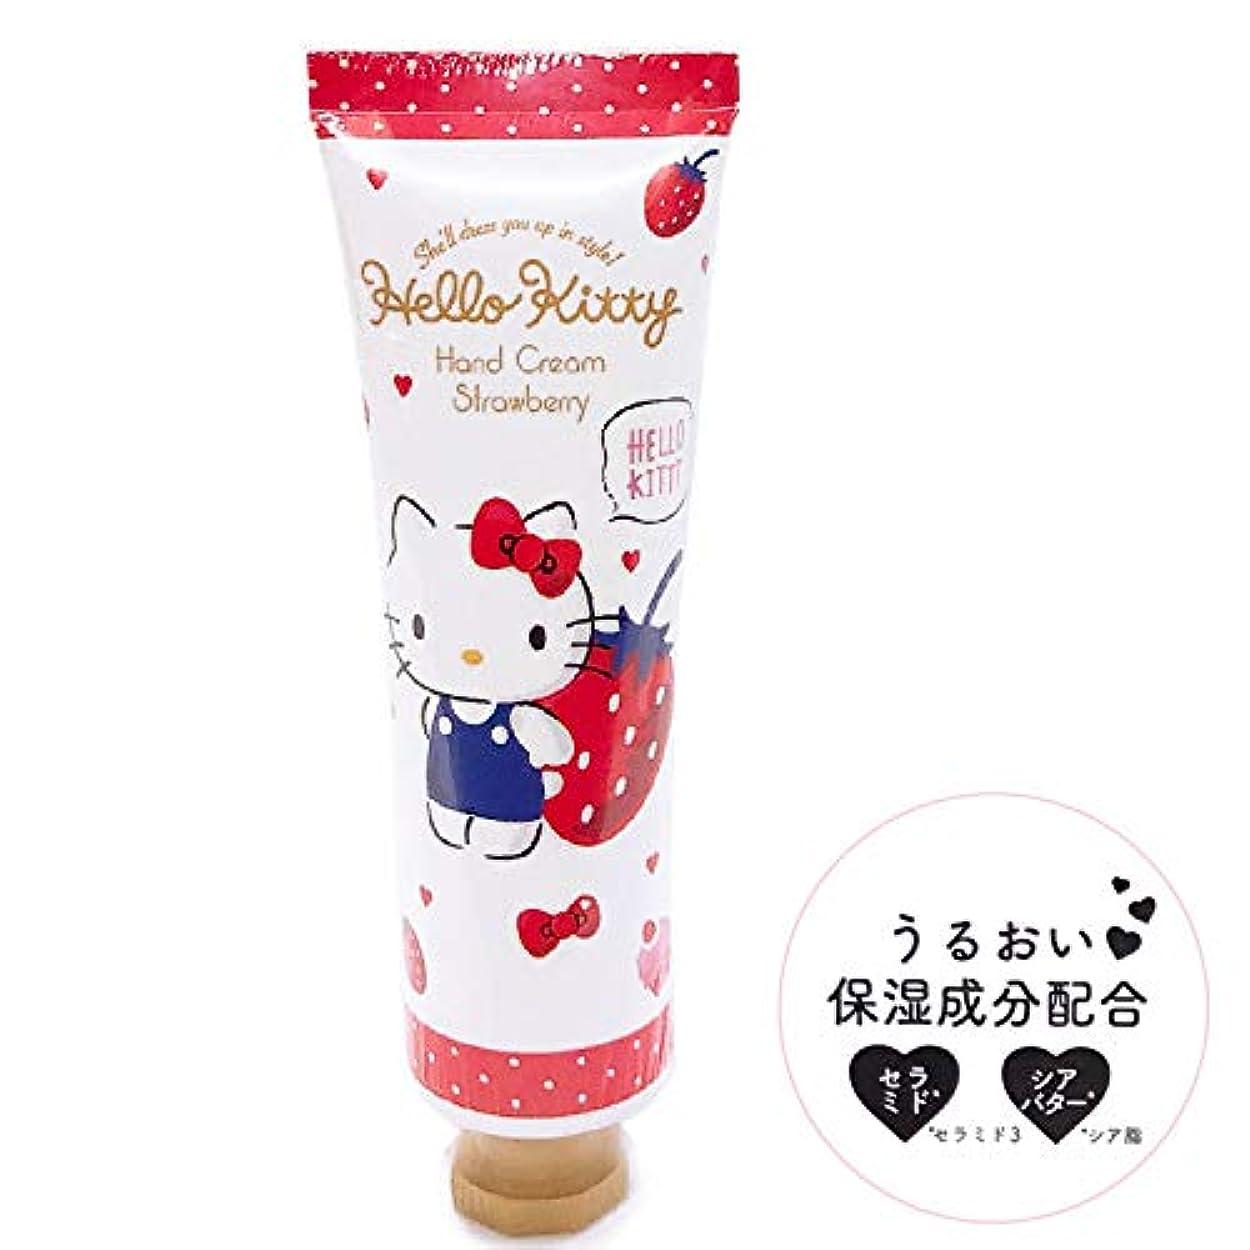 ハローキティ ハンドクリーム ストロベリーの香り [380309]